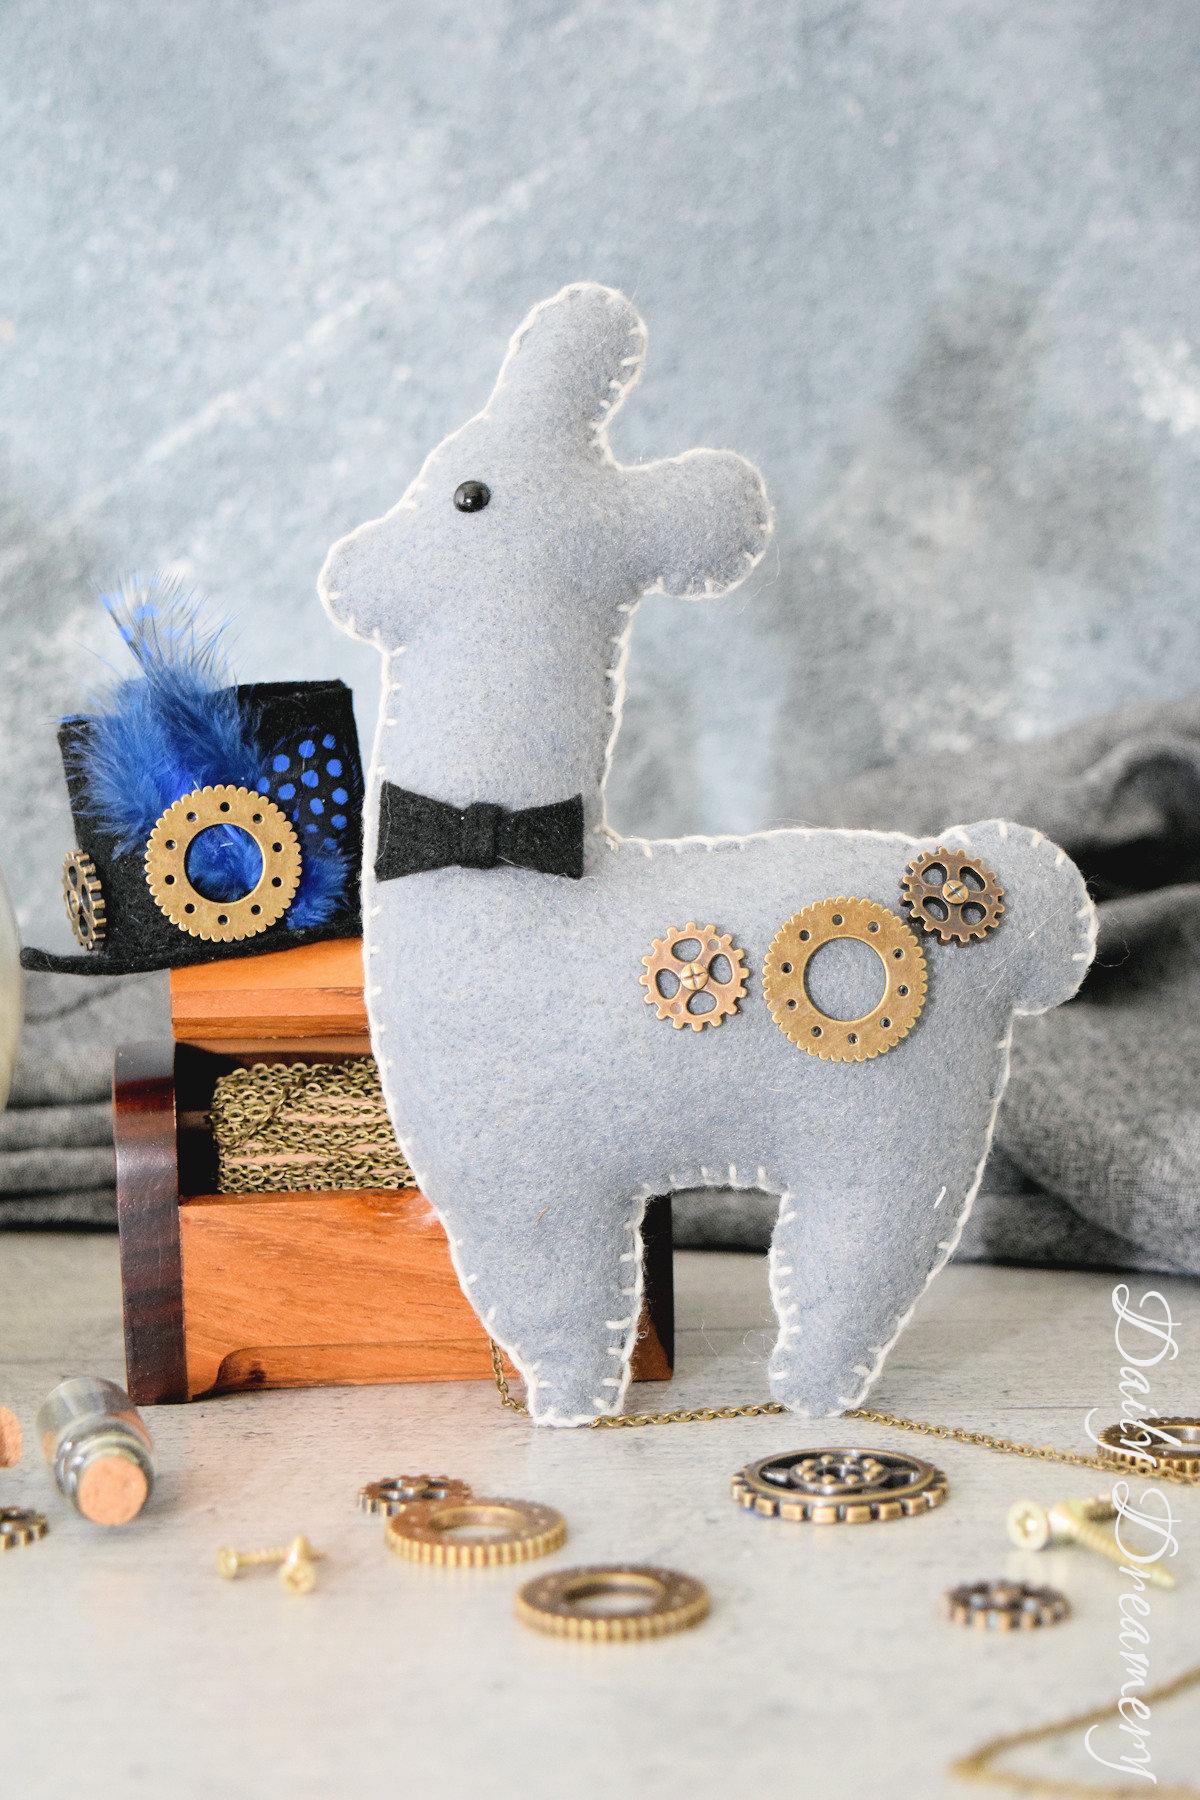 DIY-Anleitung für ein Steampunk-Lama, passend zur Festivalsaison #steampunk #llama #gothic #diy